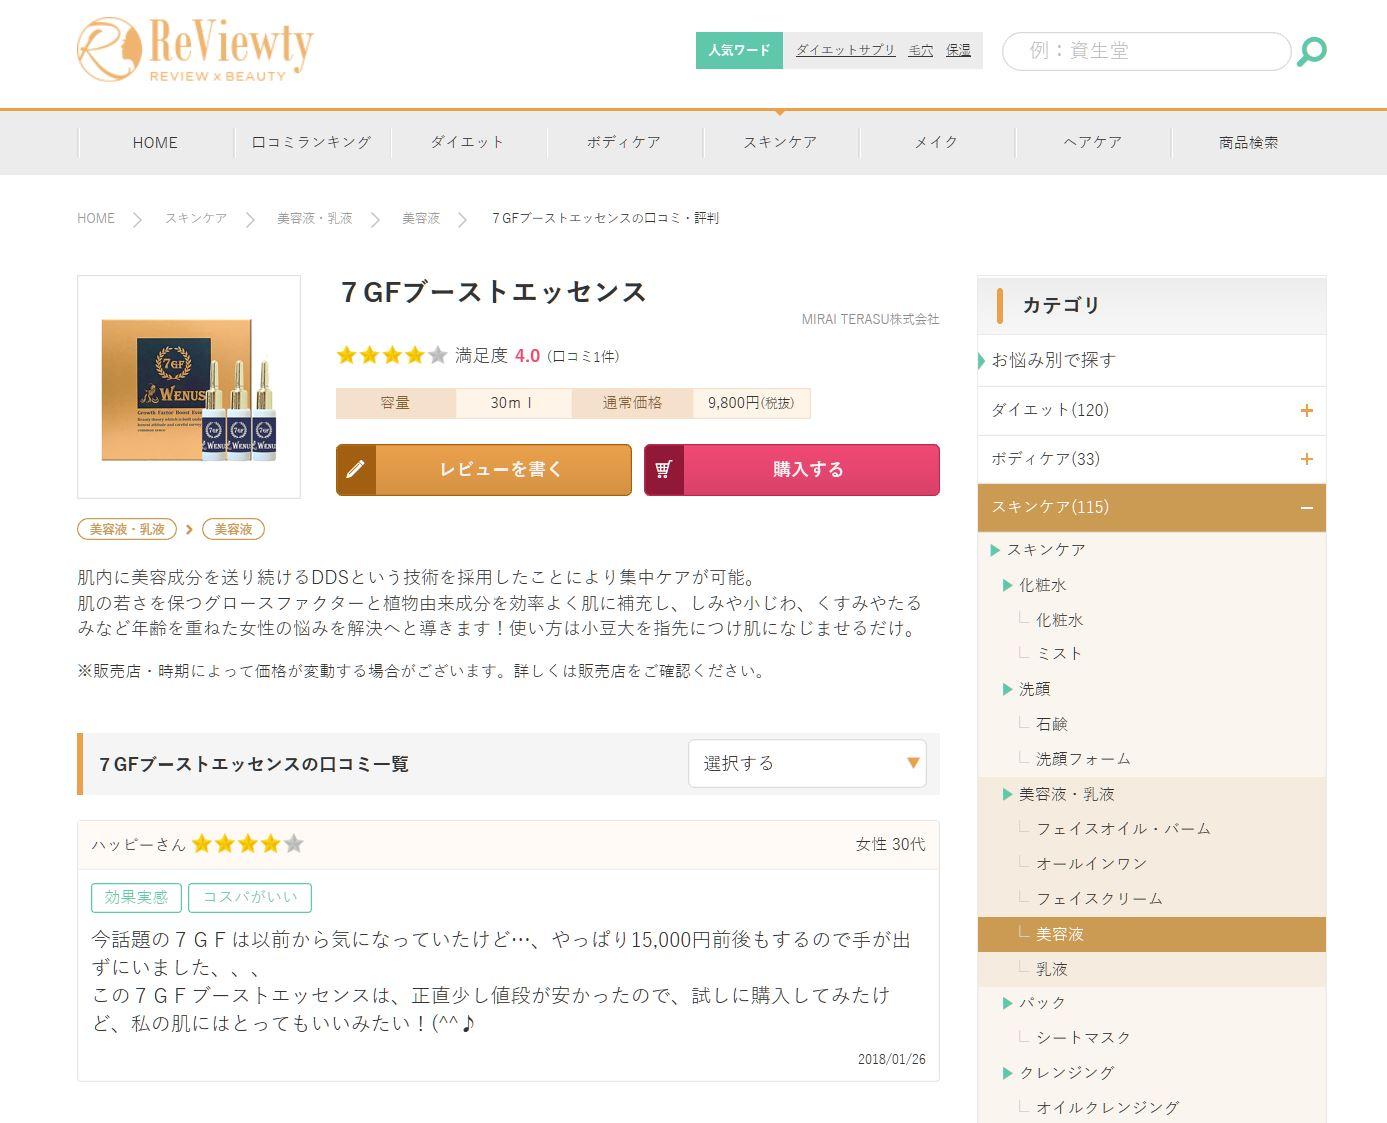 あの、美容と健康のための口コミ総合サイト「ReViewty(レビューティー)」にWENUSⓇ基礎化粧品7GFブーストエッセンスが掲載されました!!のアイキャッチ